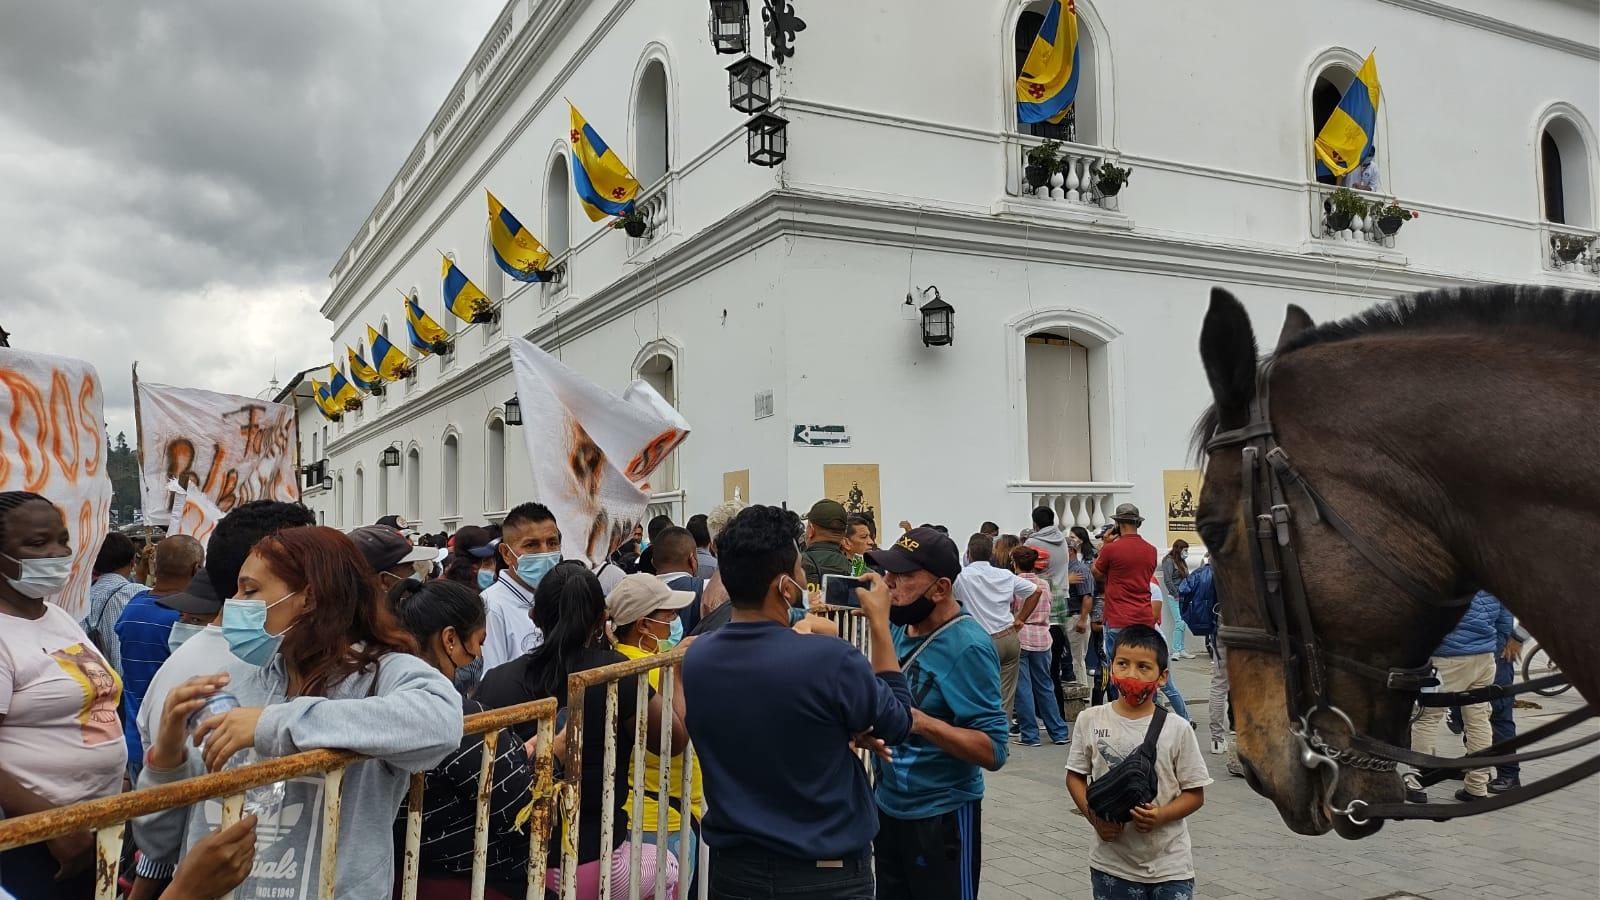 Vendedores informales del barrio Bolívar en protesta a las afueras de la alcaldía - Noticias de Colombia